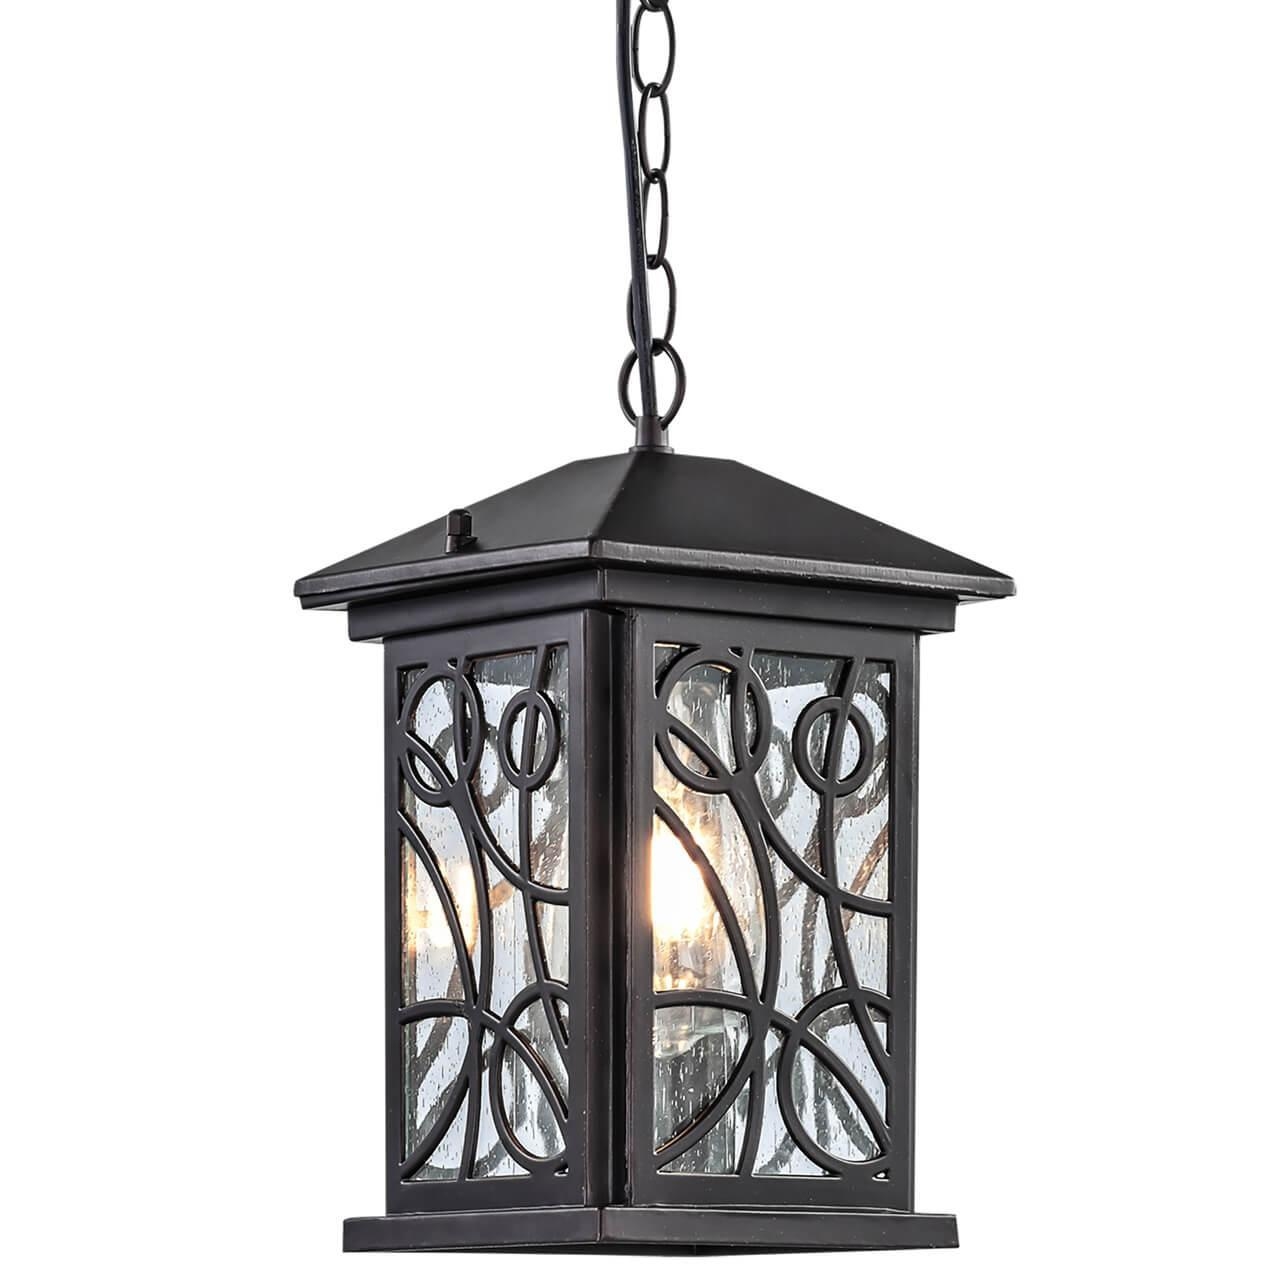 Уличный подвесной светильник Elektrostandard Tira H кофейное золото GL 1005H 4690389148415